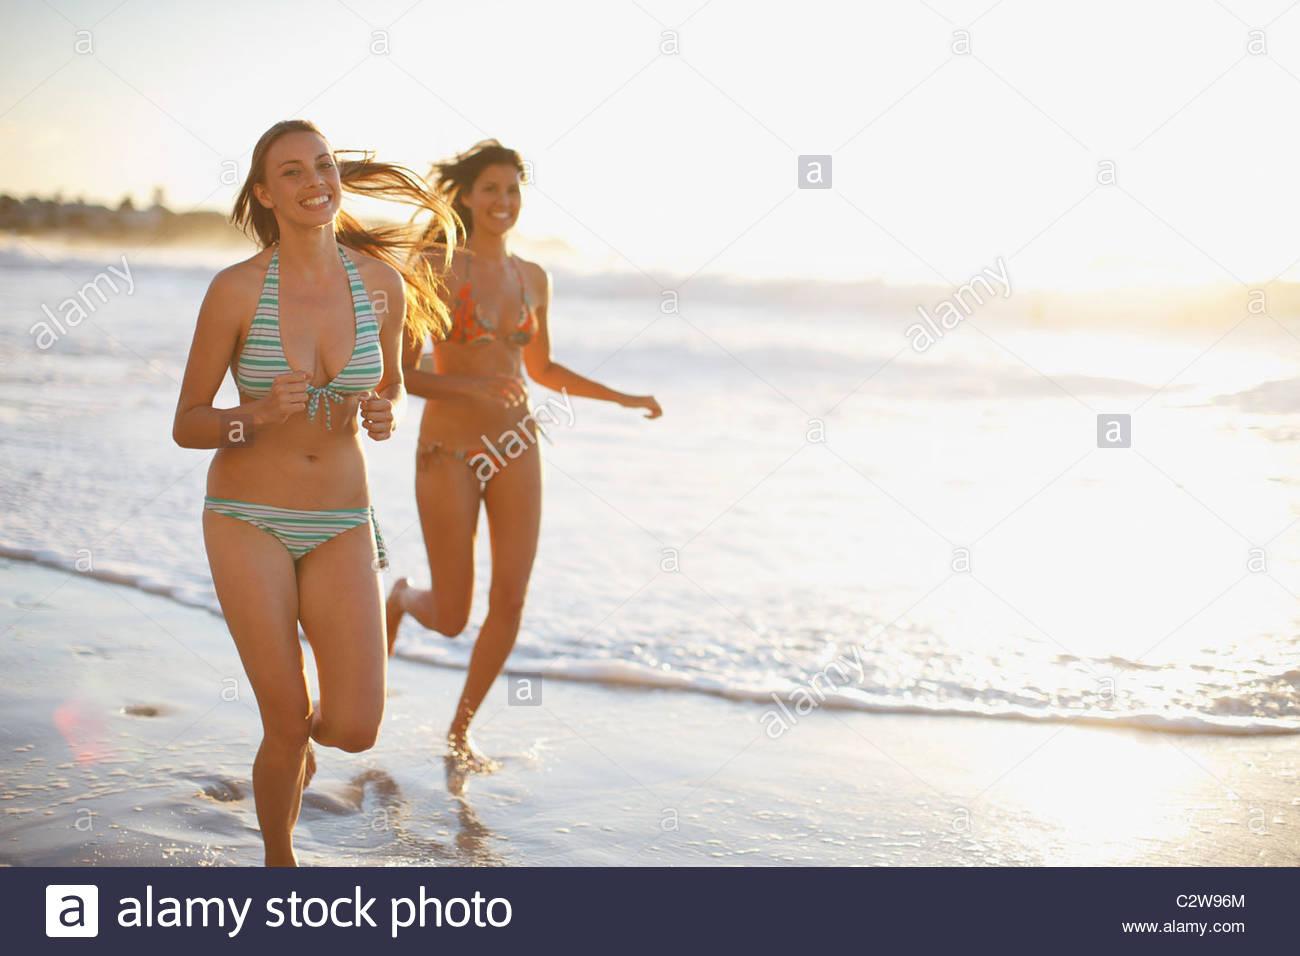 Friends in bikinis running on beach - Stock Image